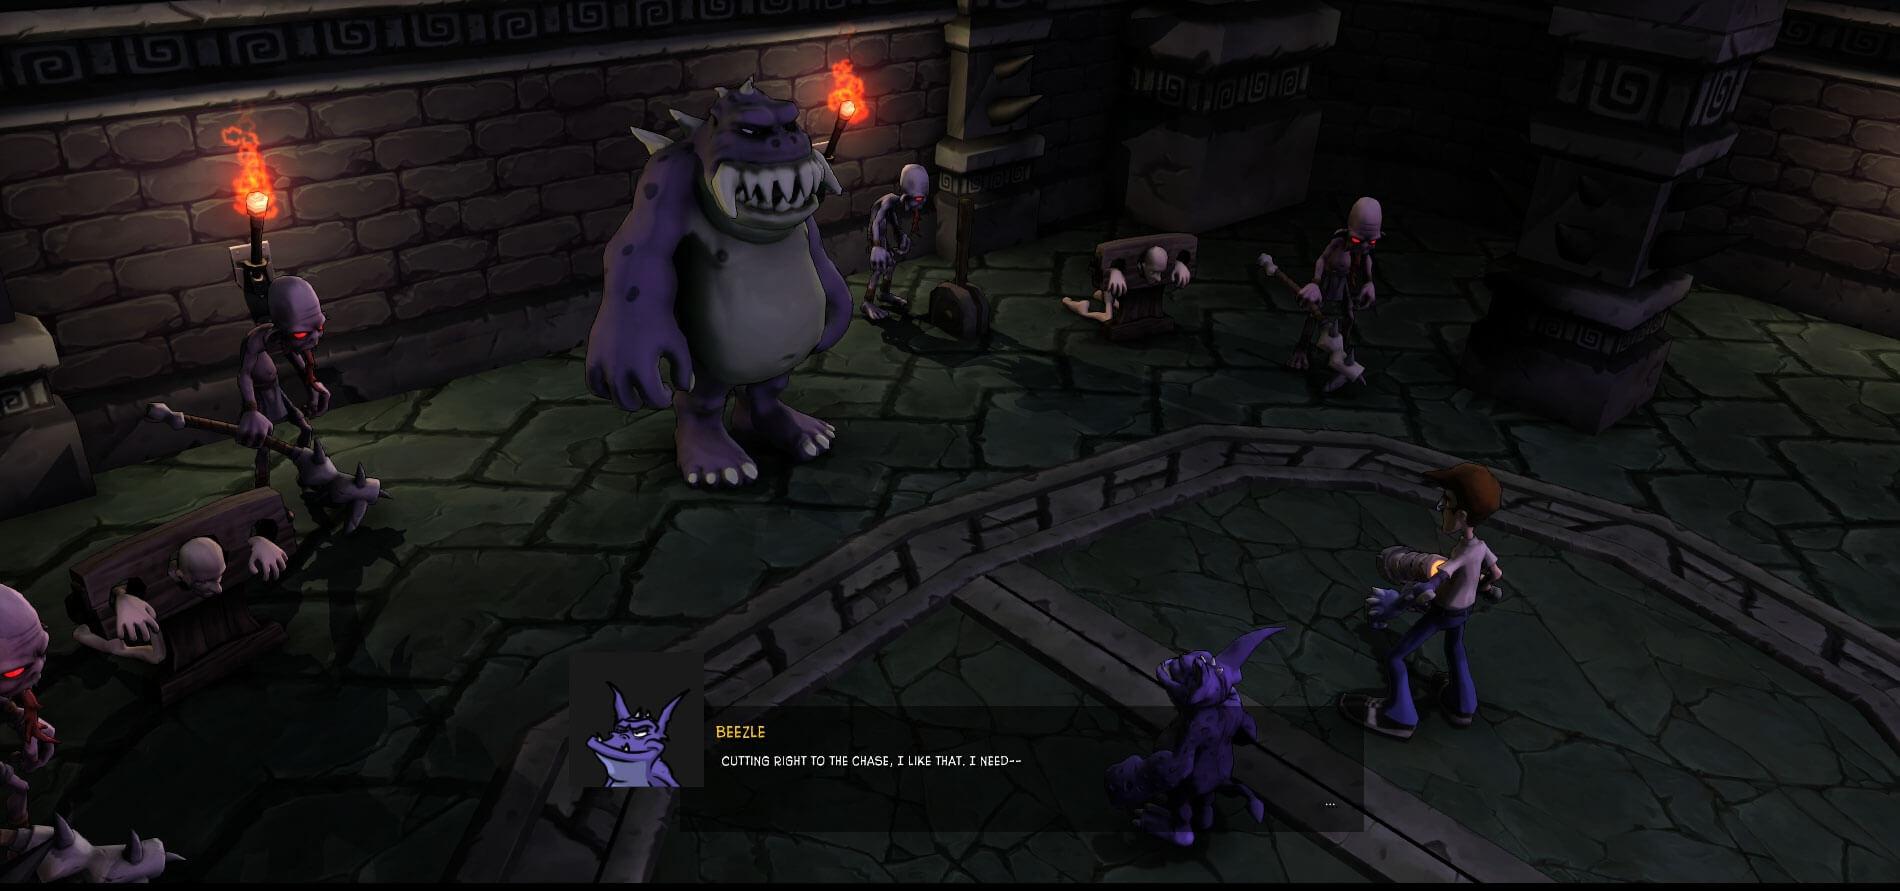 Zwischenspiel - Bildrechte bei Darkmire Entertainment